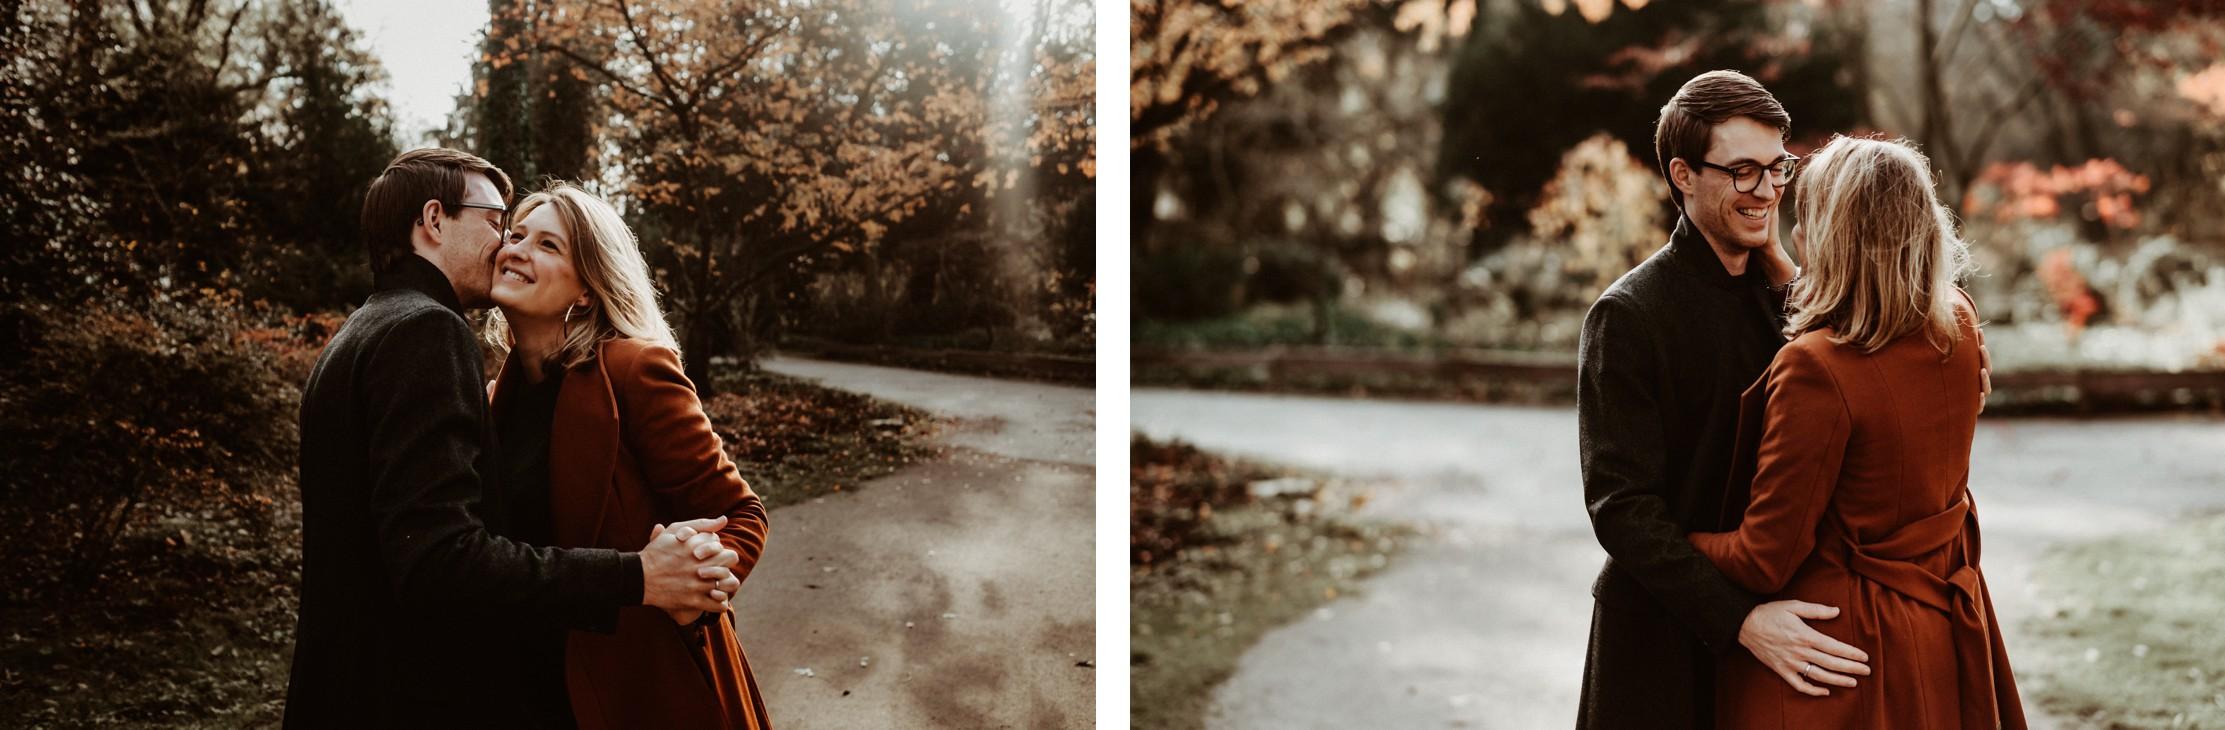 Schwangerschaftsbilder im Herbst